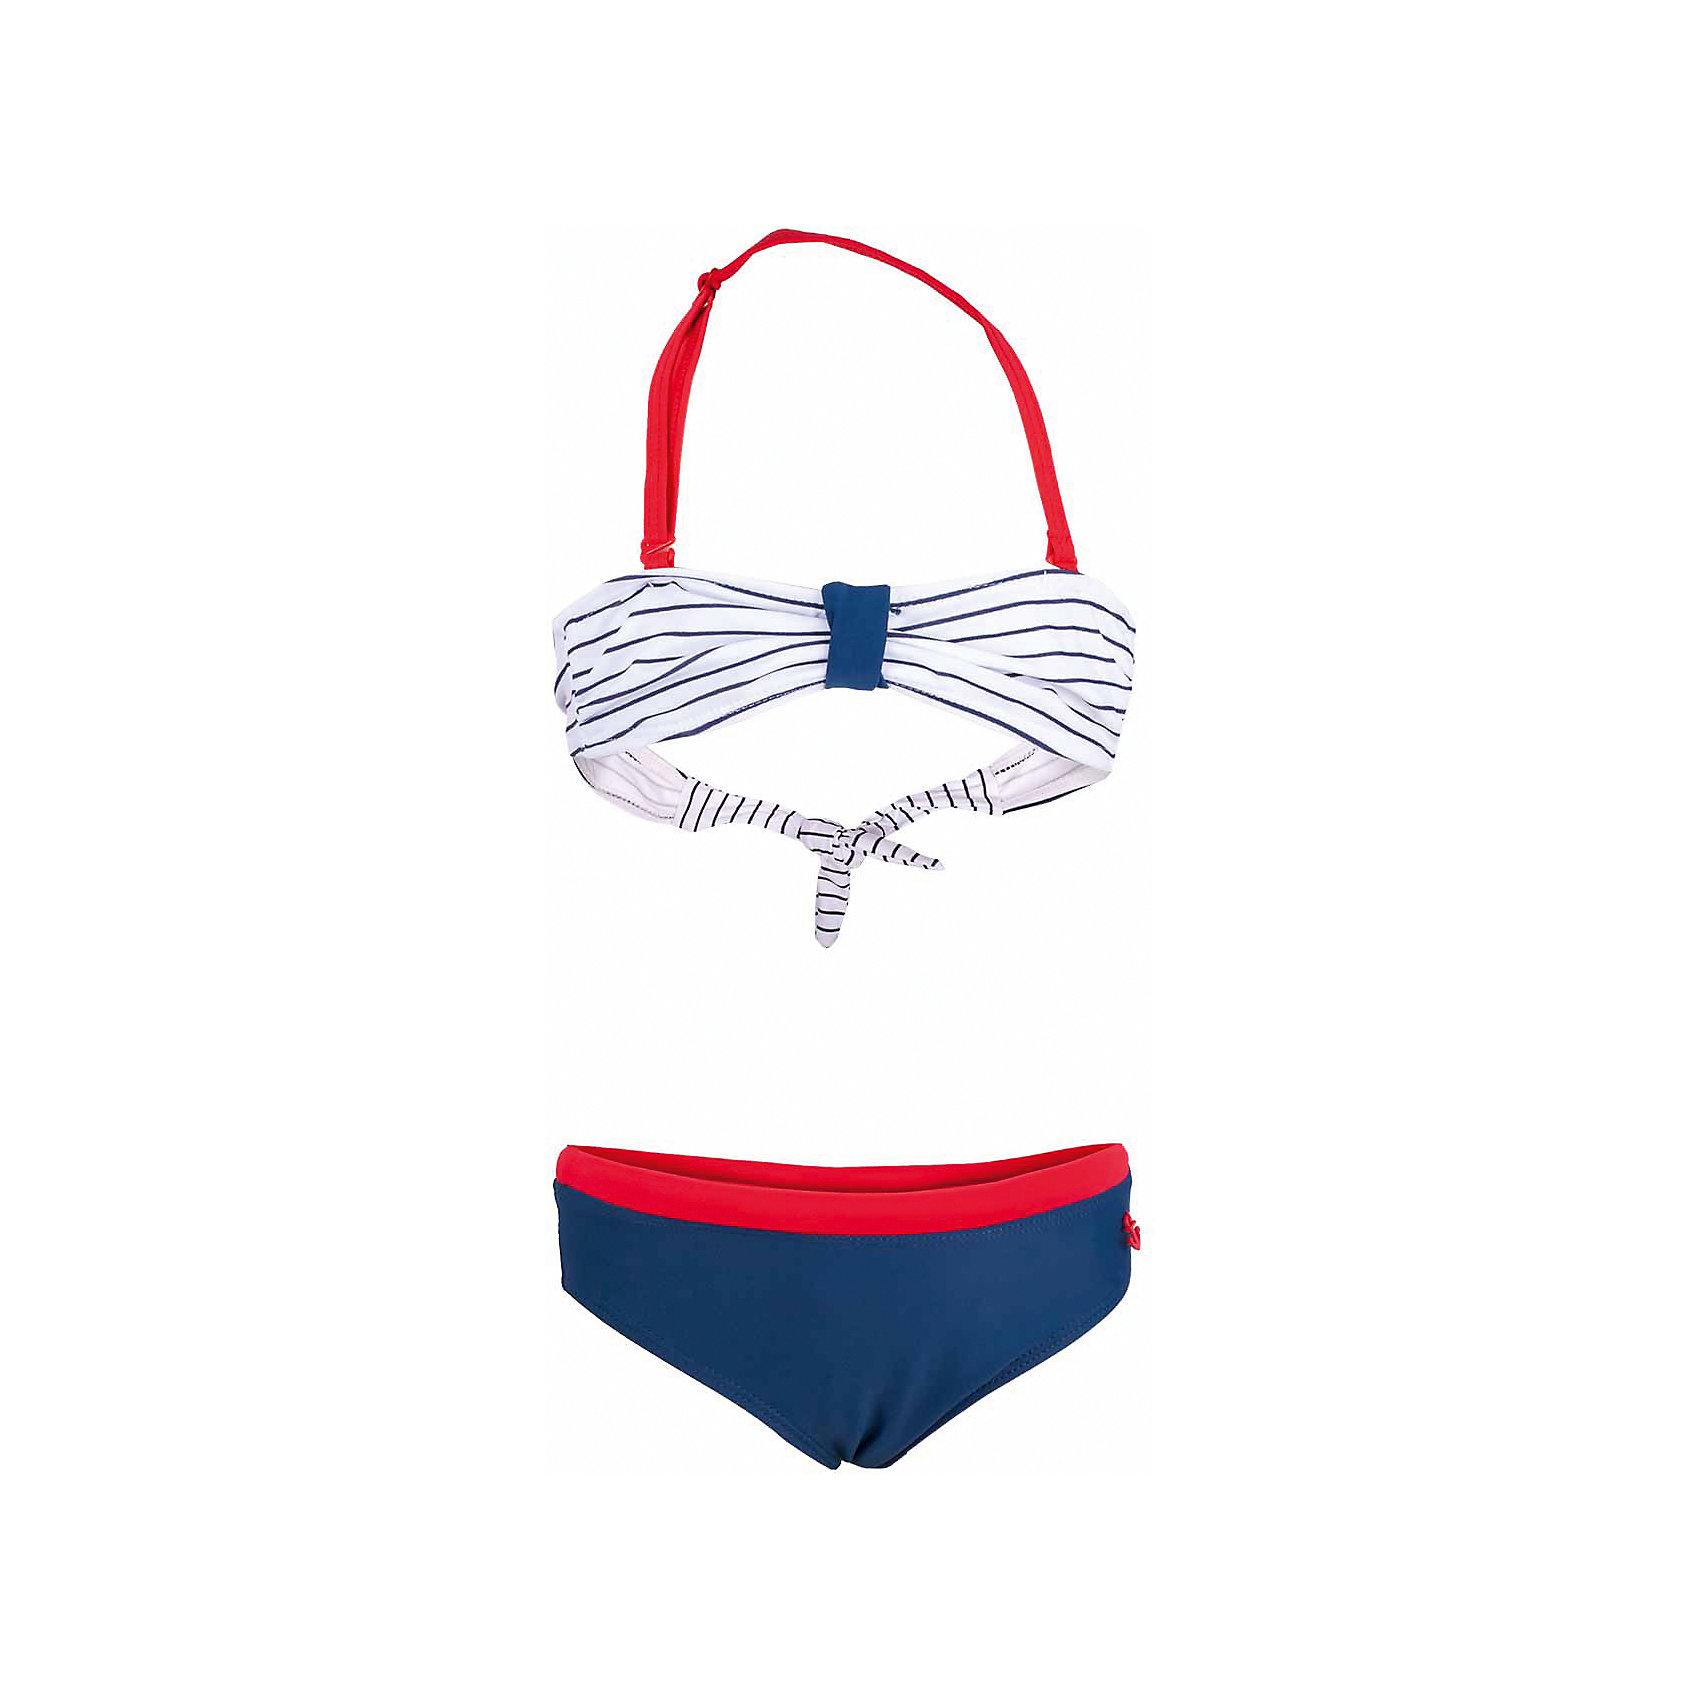 Купальник для девочки  BUTTON BLUEКупальники и плавки<br>Купальник для девочки  BUTTON BLUE<br>Яркий купальник с оригинальным рисунком - лучший вариант для отдыха у воды. Купить раздельный купальник, значит, подарить девочке отличное настроение на весь пляжный сезон.<br>Состав:<br>83% полиамид 17% эластан; подклад: 100%  полиэстер<br><br>Ширина мм: 183<br>Глубина мм: 60<br>Высота мм: 135<br>Вес г: 119<br>Цвет: разноцветный<br>Возраст от месяцев: 24<br>Возраст до месяцев: 36<br>Пол: Женский<br>Возраст: Детский<br>Размер: 98,128,104,116<br>SKU: 5523744